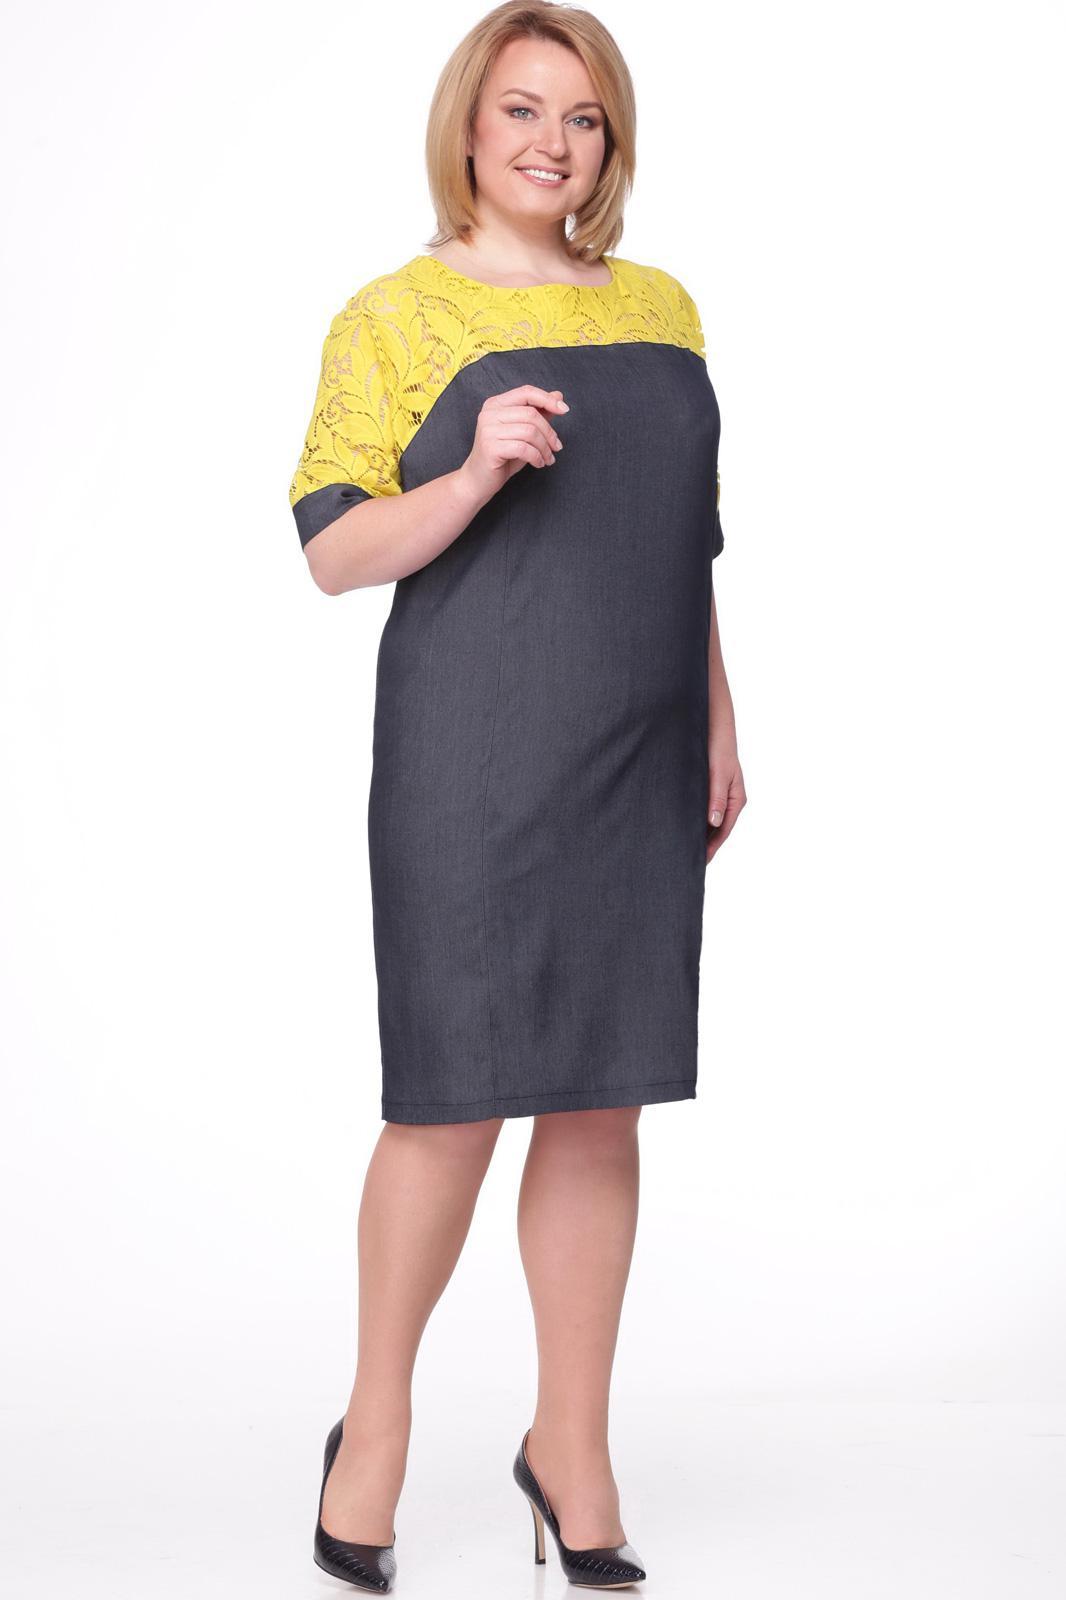 Купить Платье Michel Chic, 652 чёрный, горчица, Беларусь